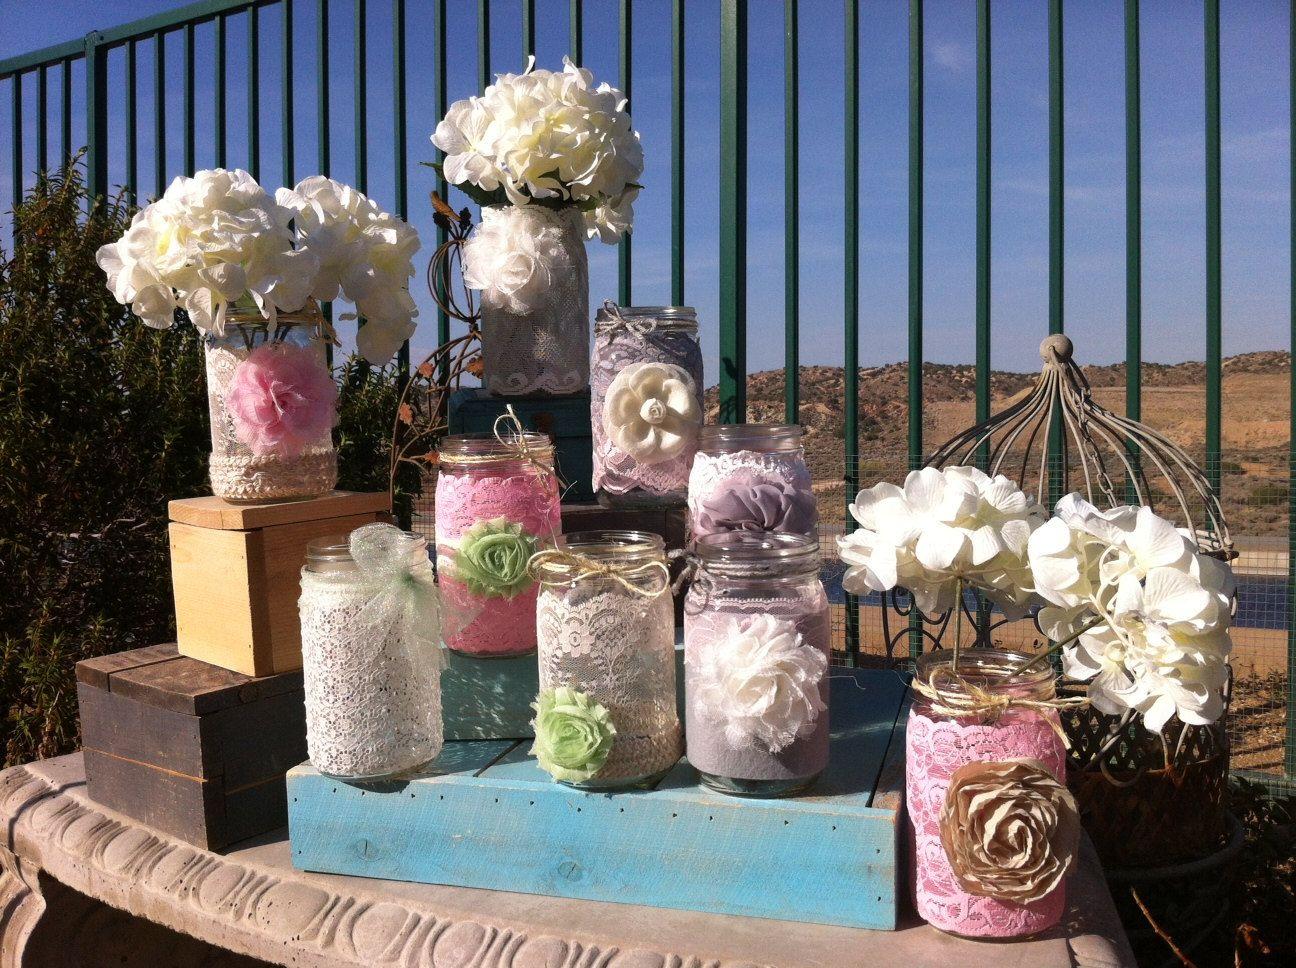 Shabby Chic Wedding Table Decorations Decor 18 Vintage Lace Mason Jars Lanterns Vases